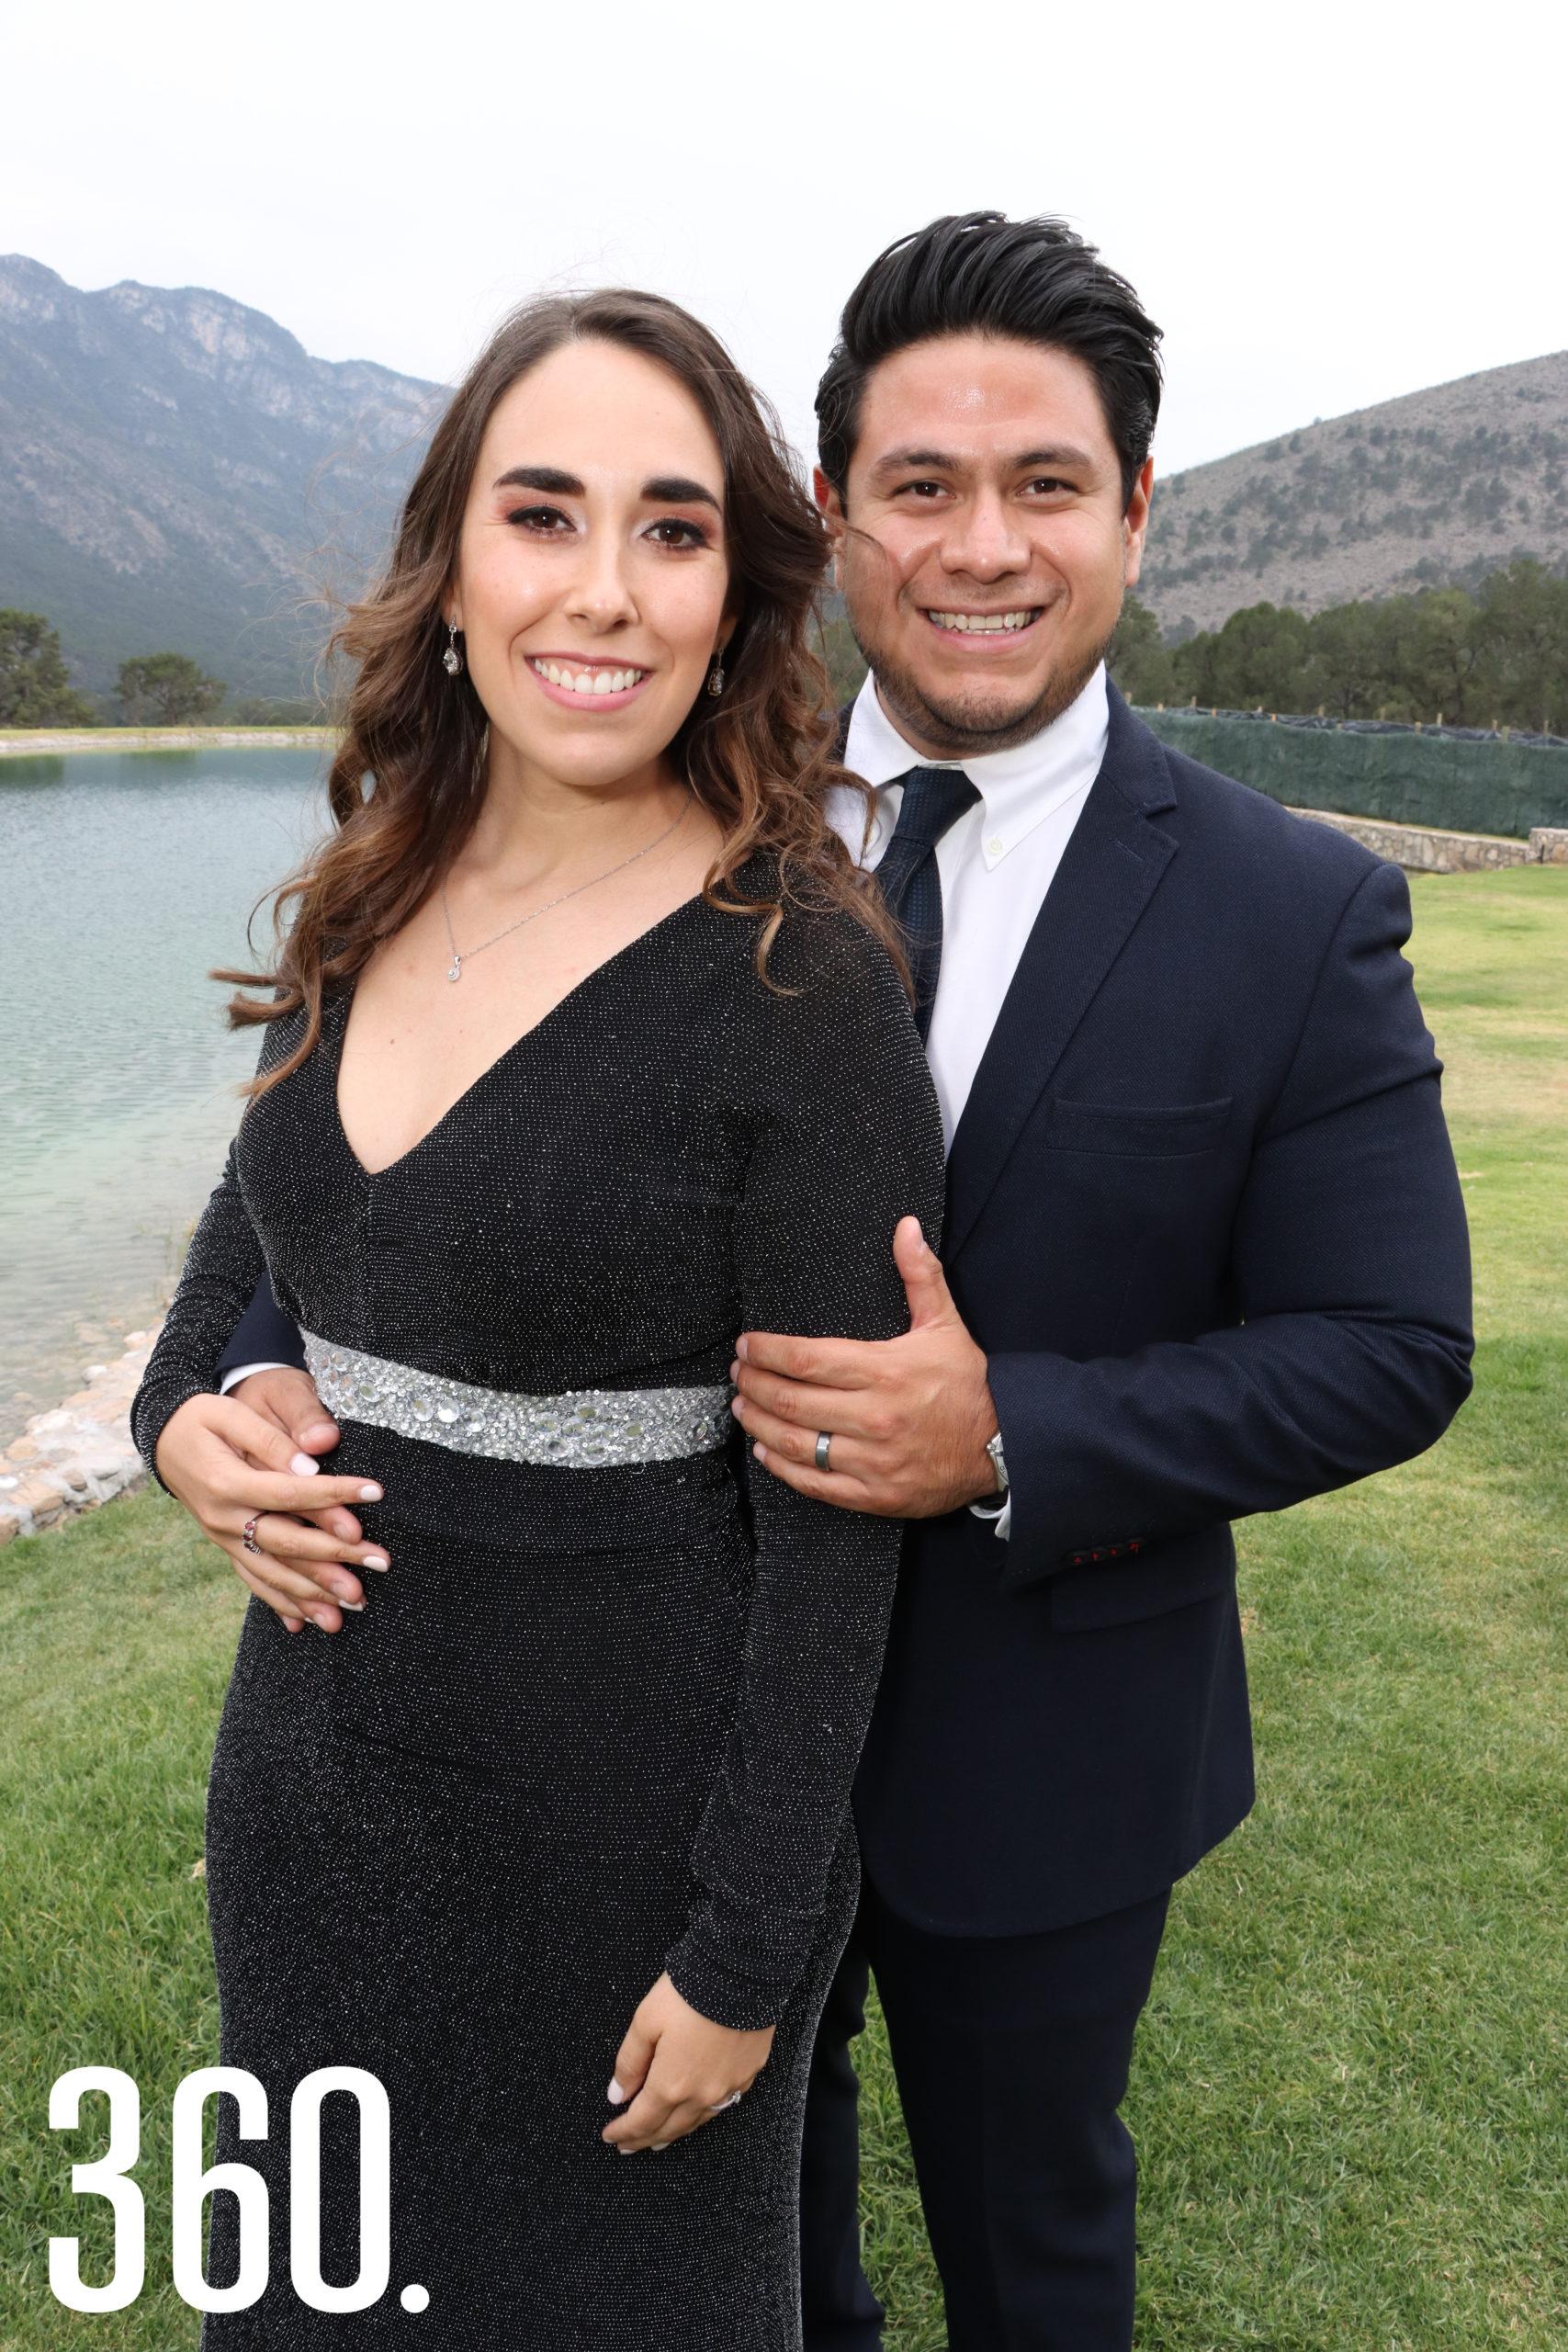 Sofía Cepeda y Raymundo Valero.